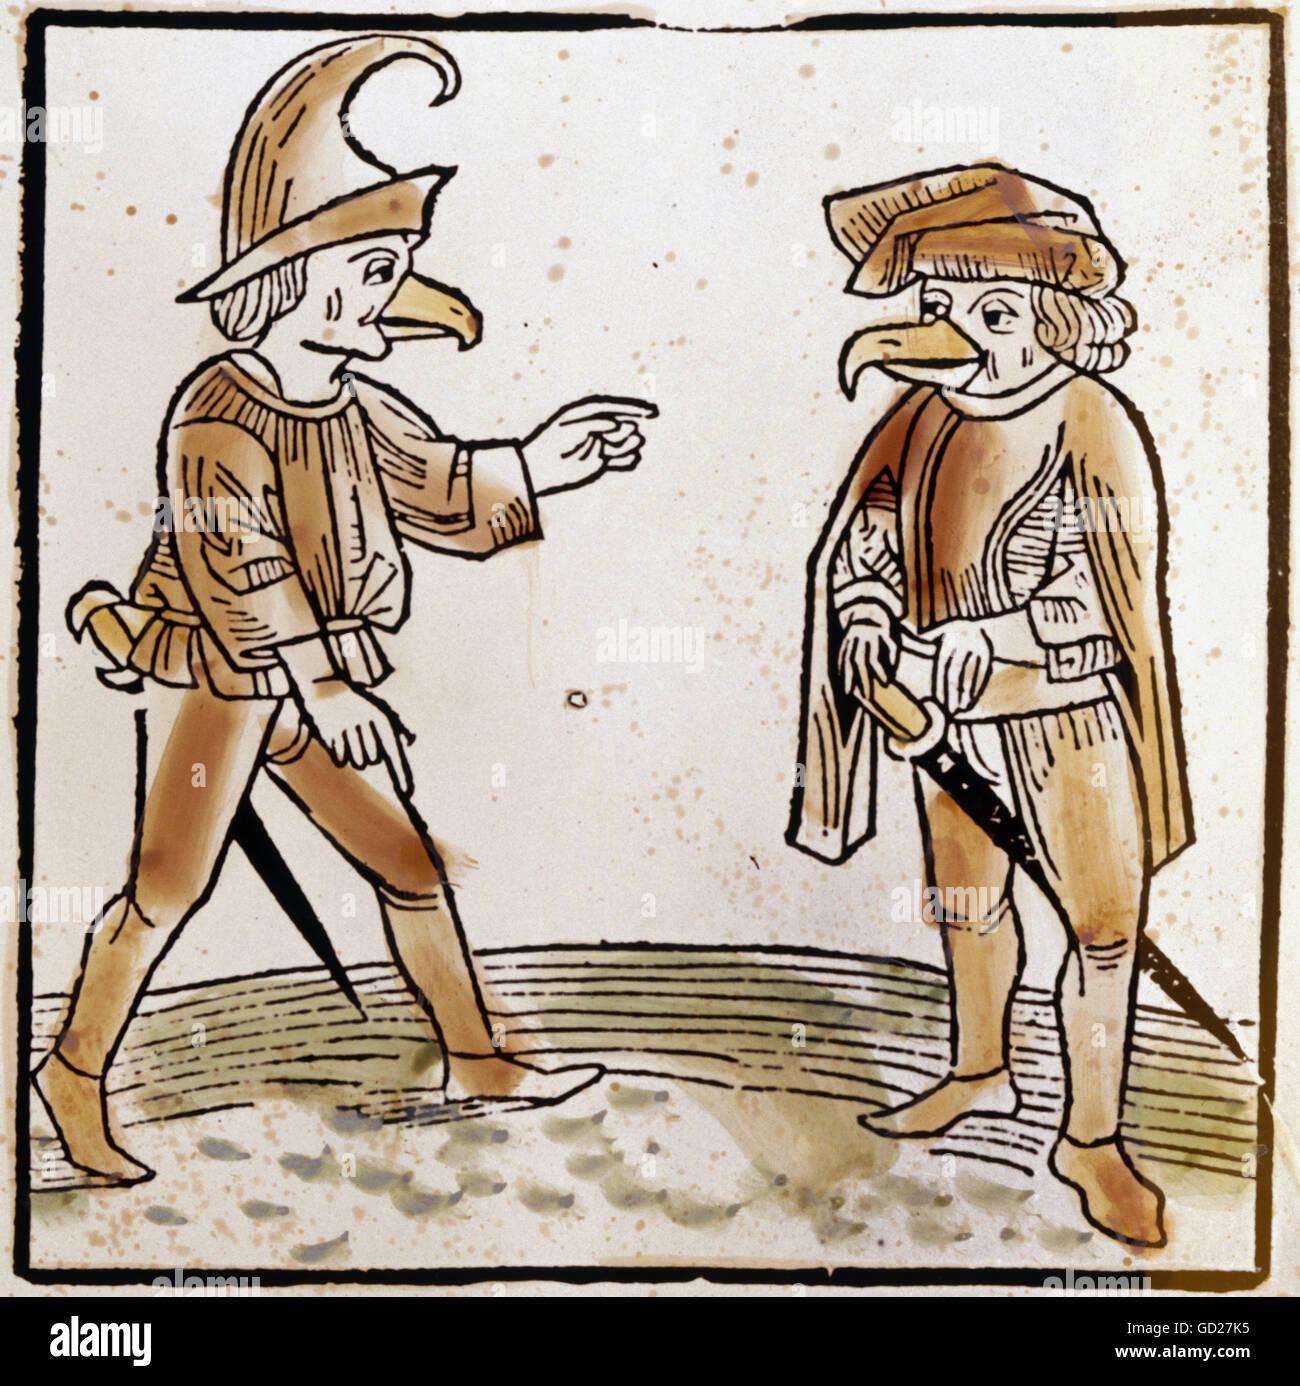 La superstición, la criatura mitológica, dos seres humanos con cabeza de pájaro de Montevilla, después Imagen De Stock